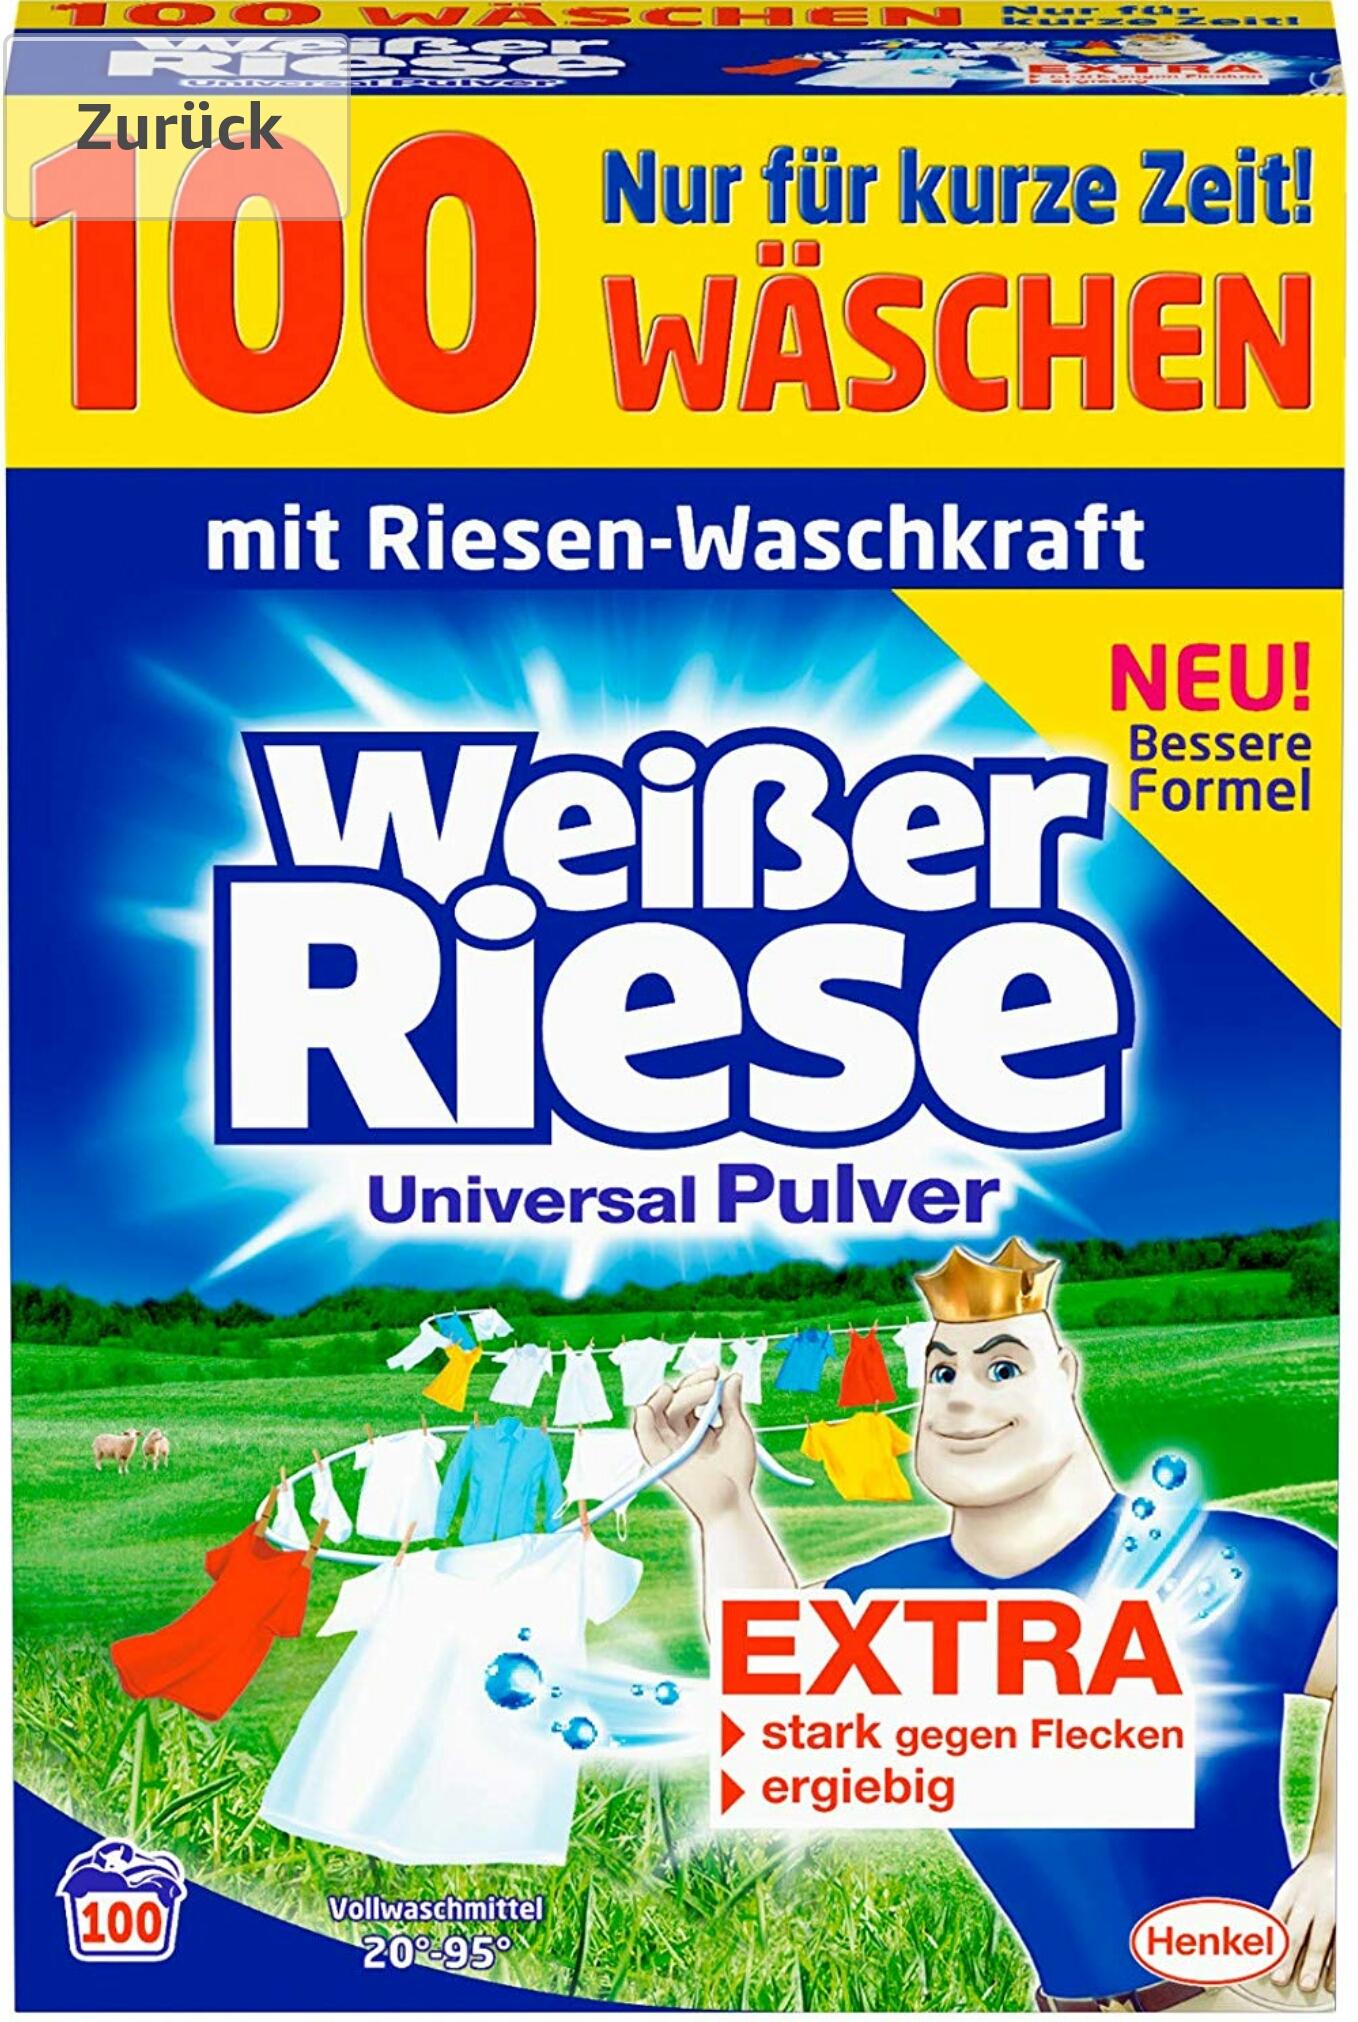 [Amazon] Weißer Riese Universal Pulver Waschmittel 100 Waschladungen (1WG 0,10€)